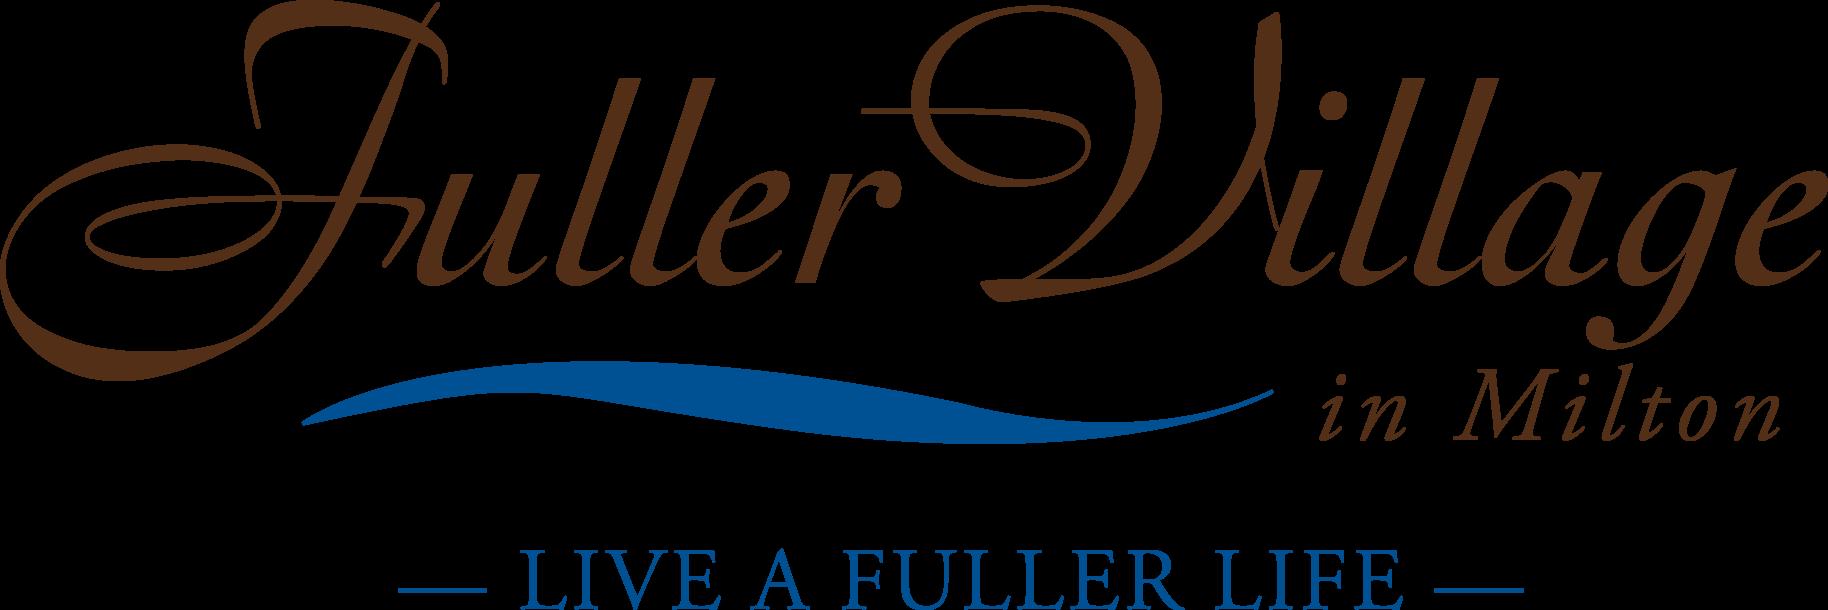 Fuller Village Retirement Community